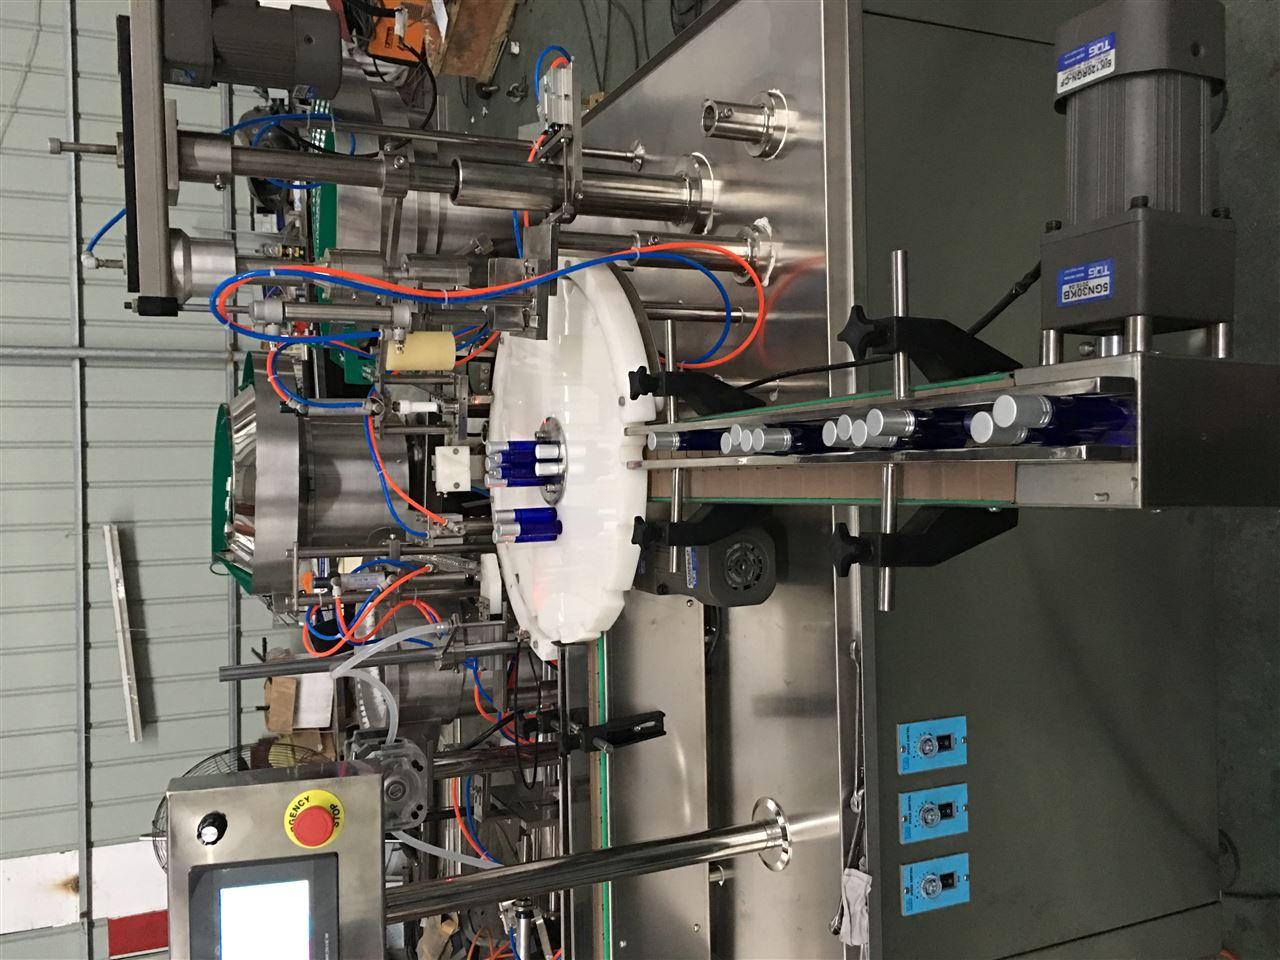 滚珠灌装机 液体灌装机 中国制药网